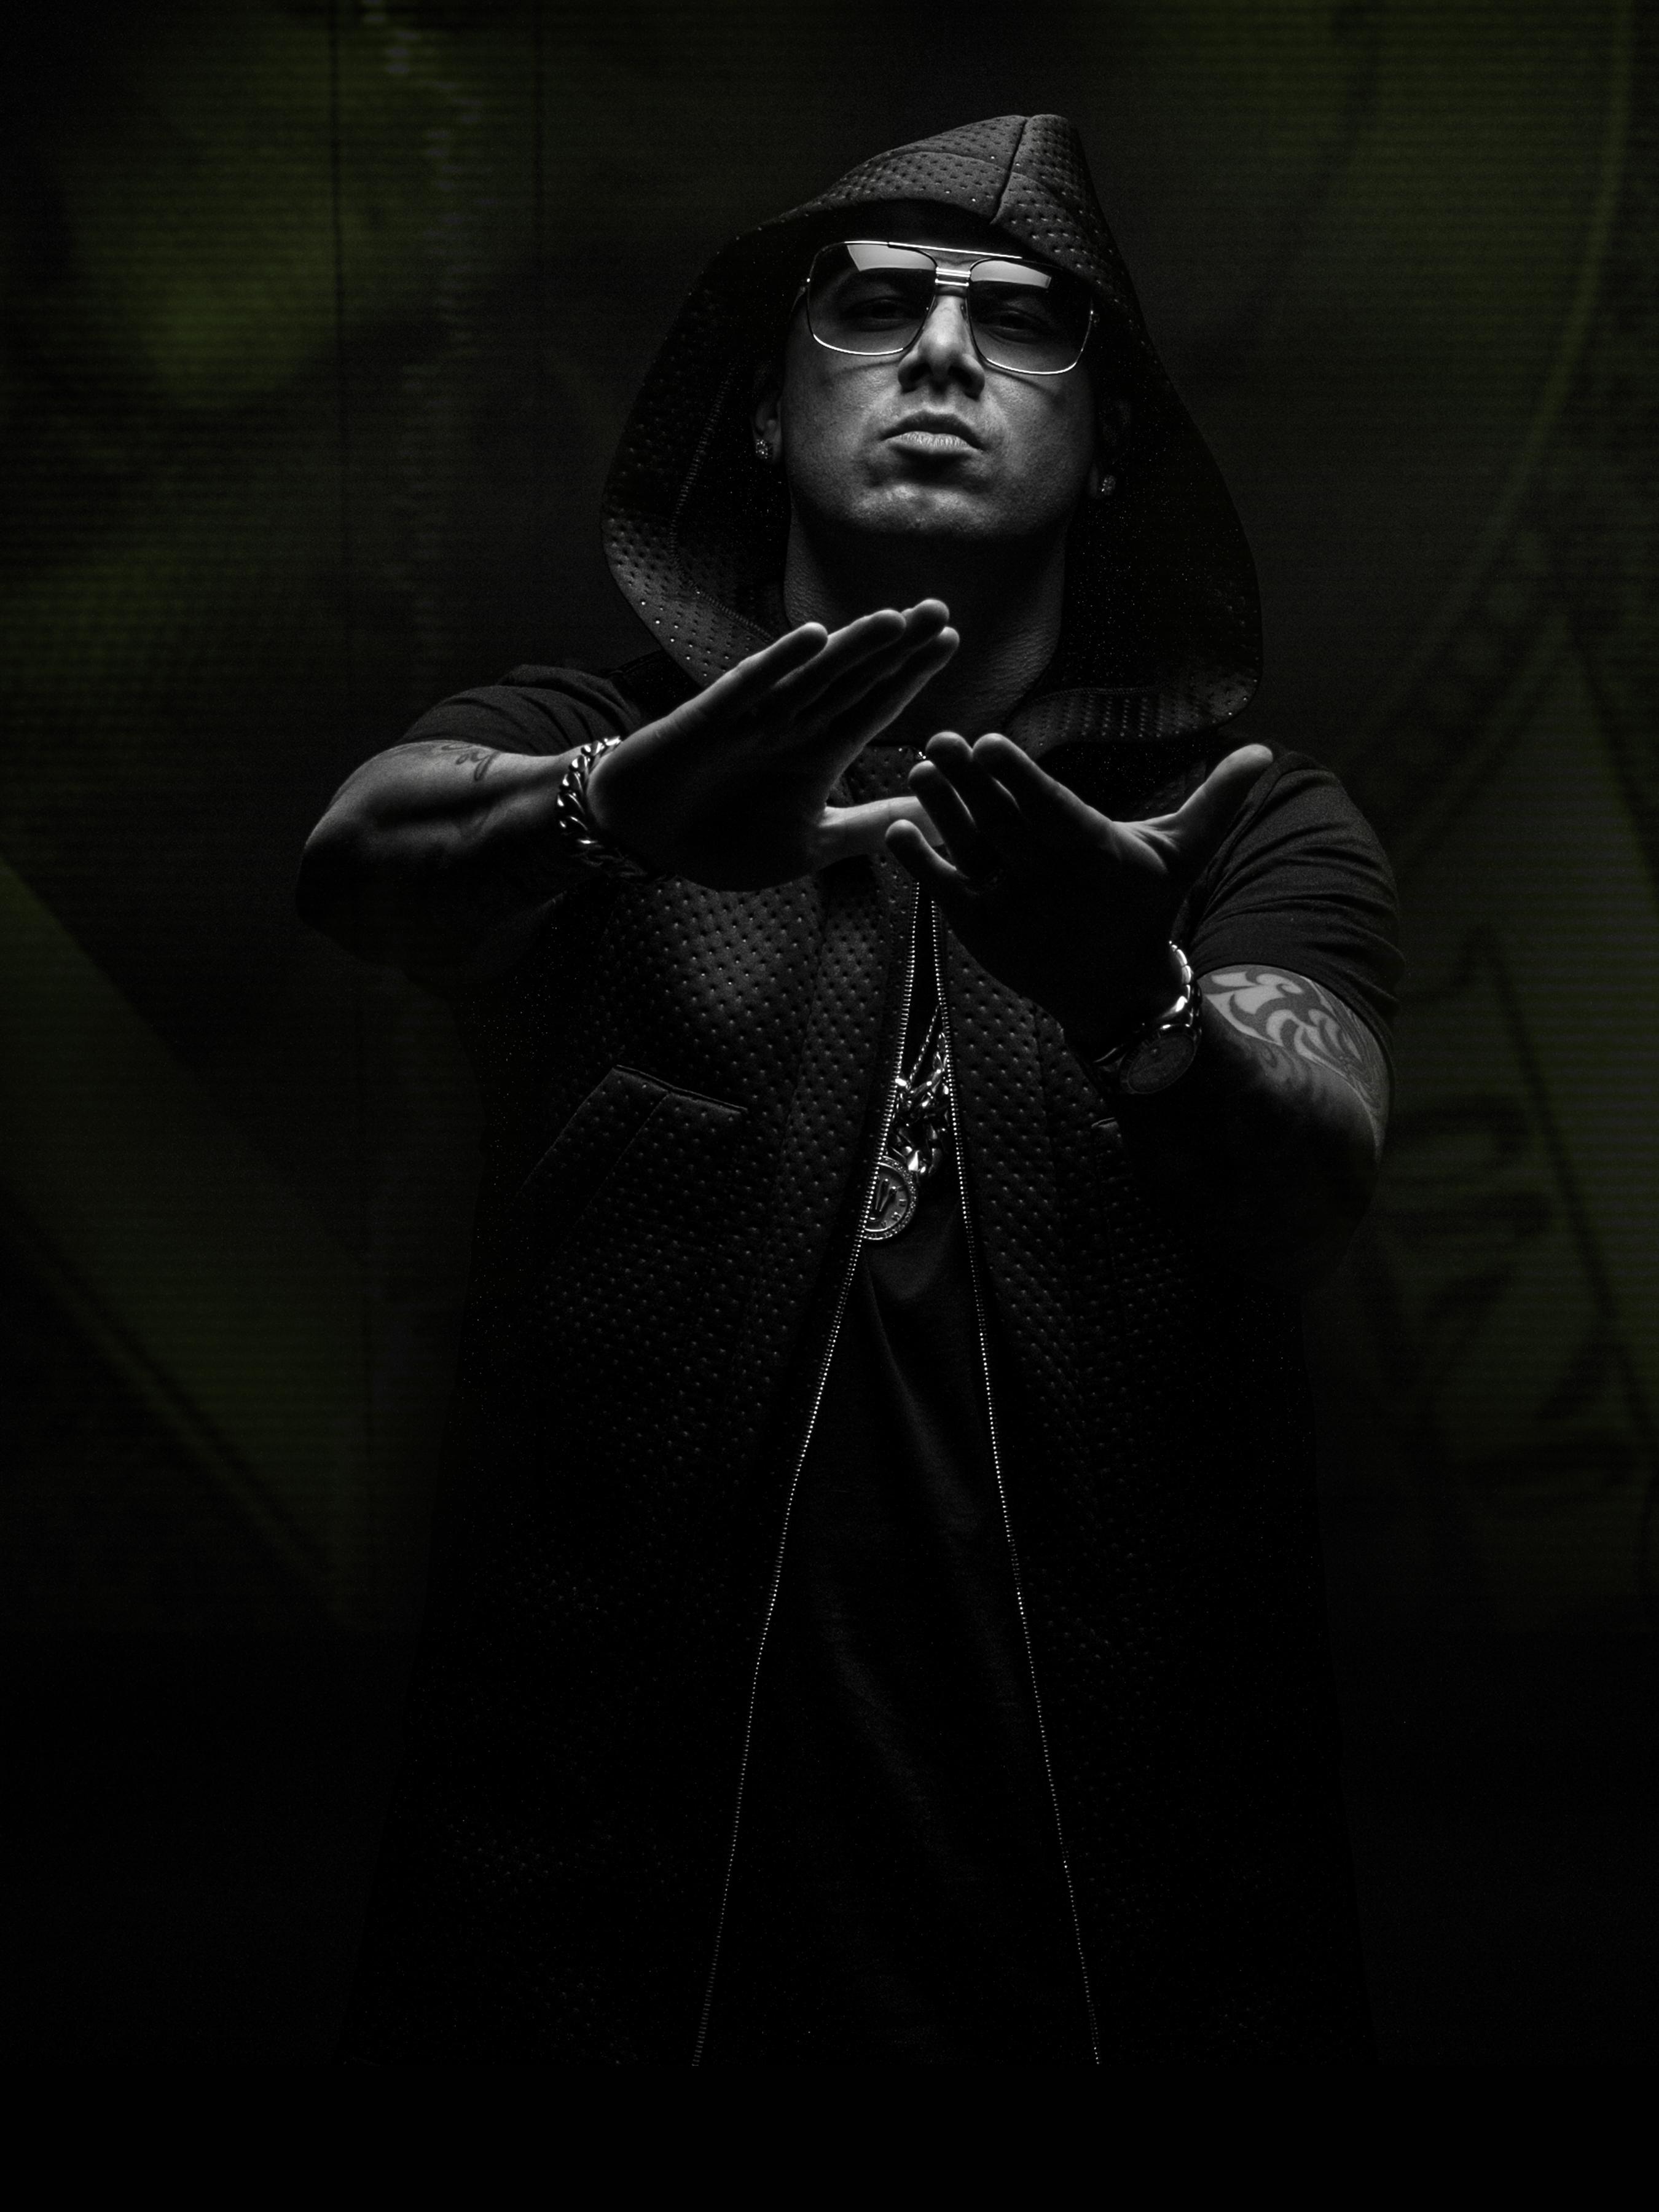 Reggaeton artist, Wisin